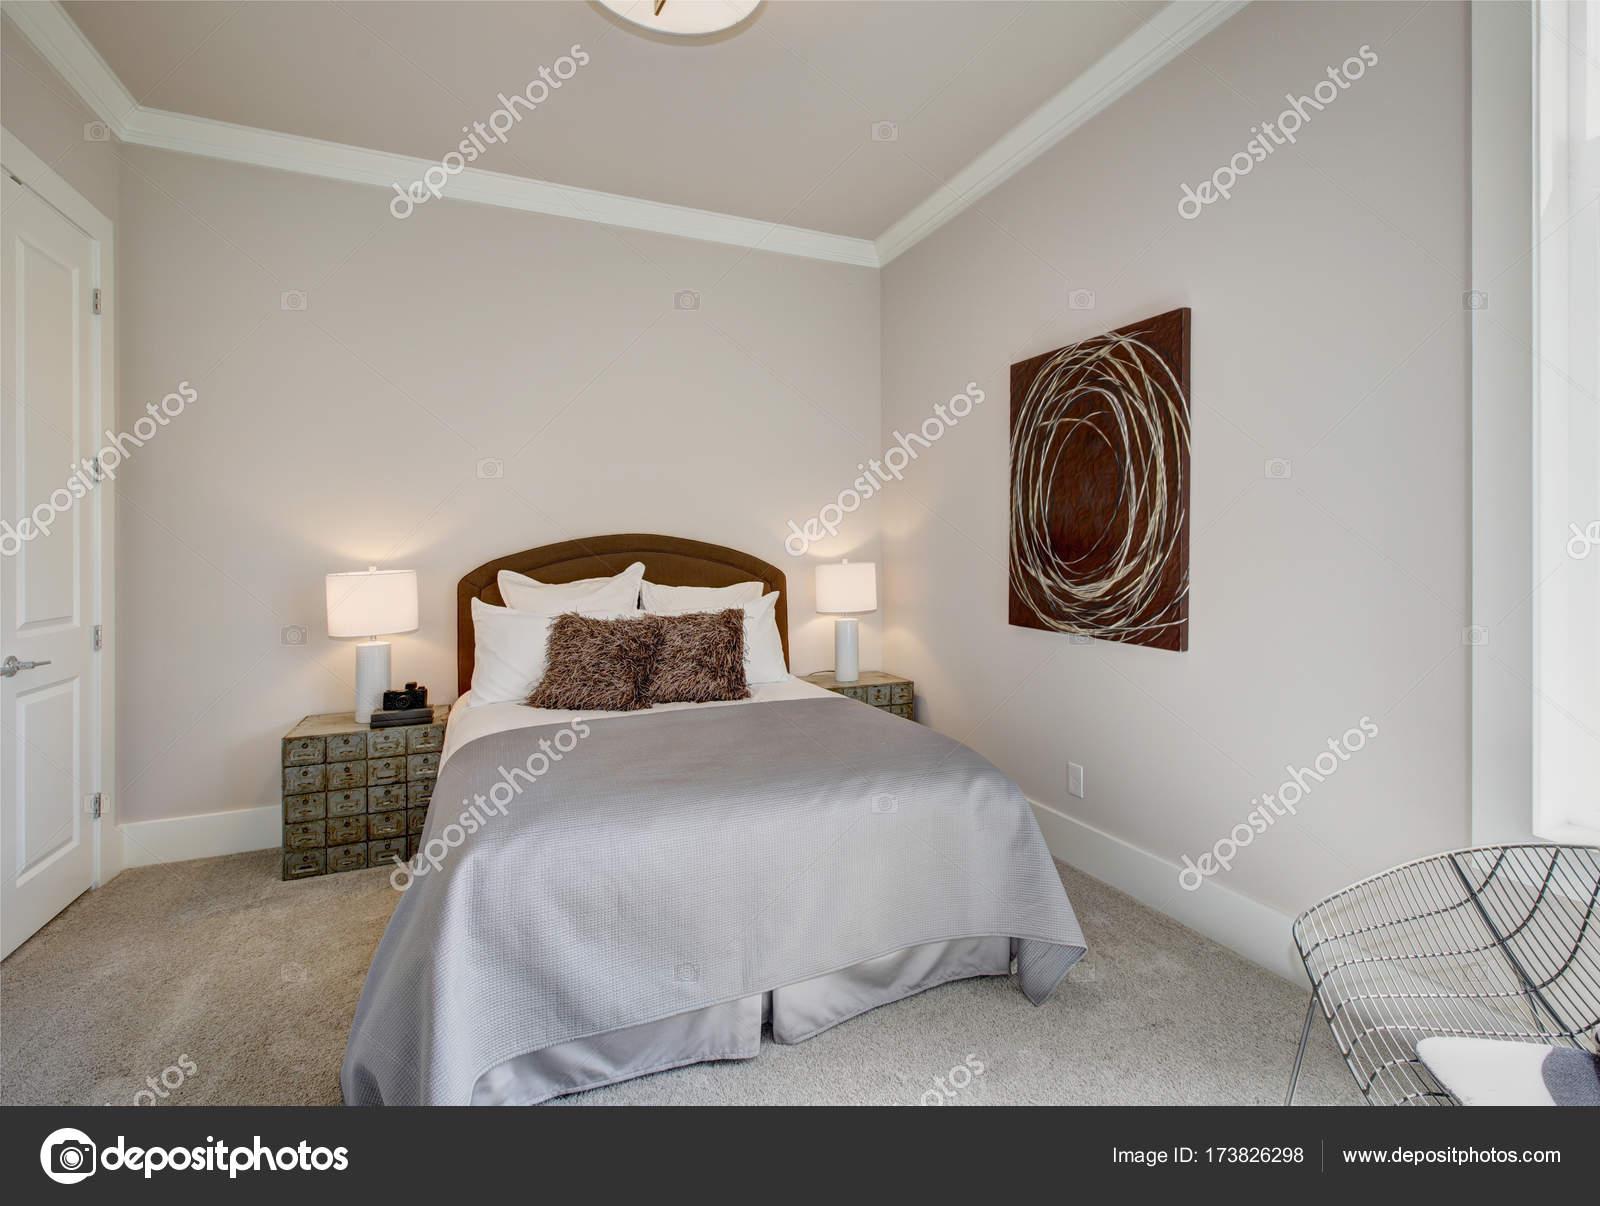 Ordentlich Schlafzimmer Innenraum in grau und braun Tönen ...